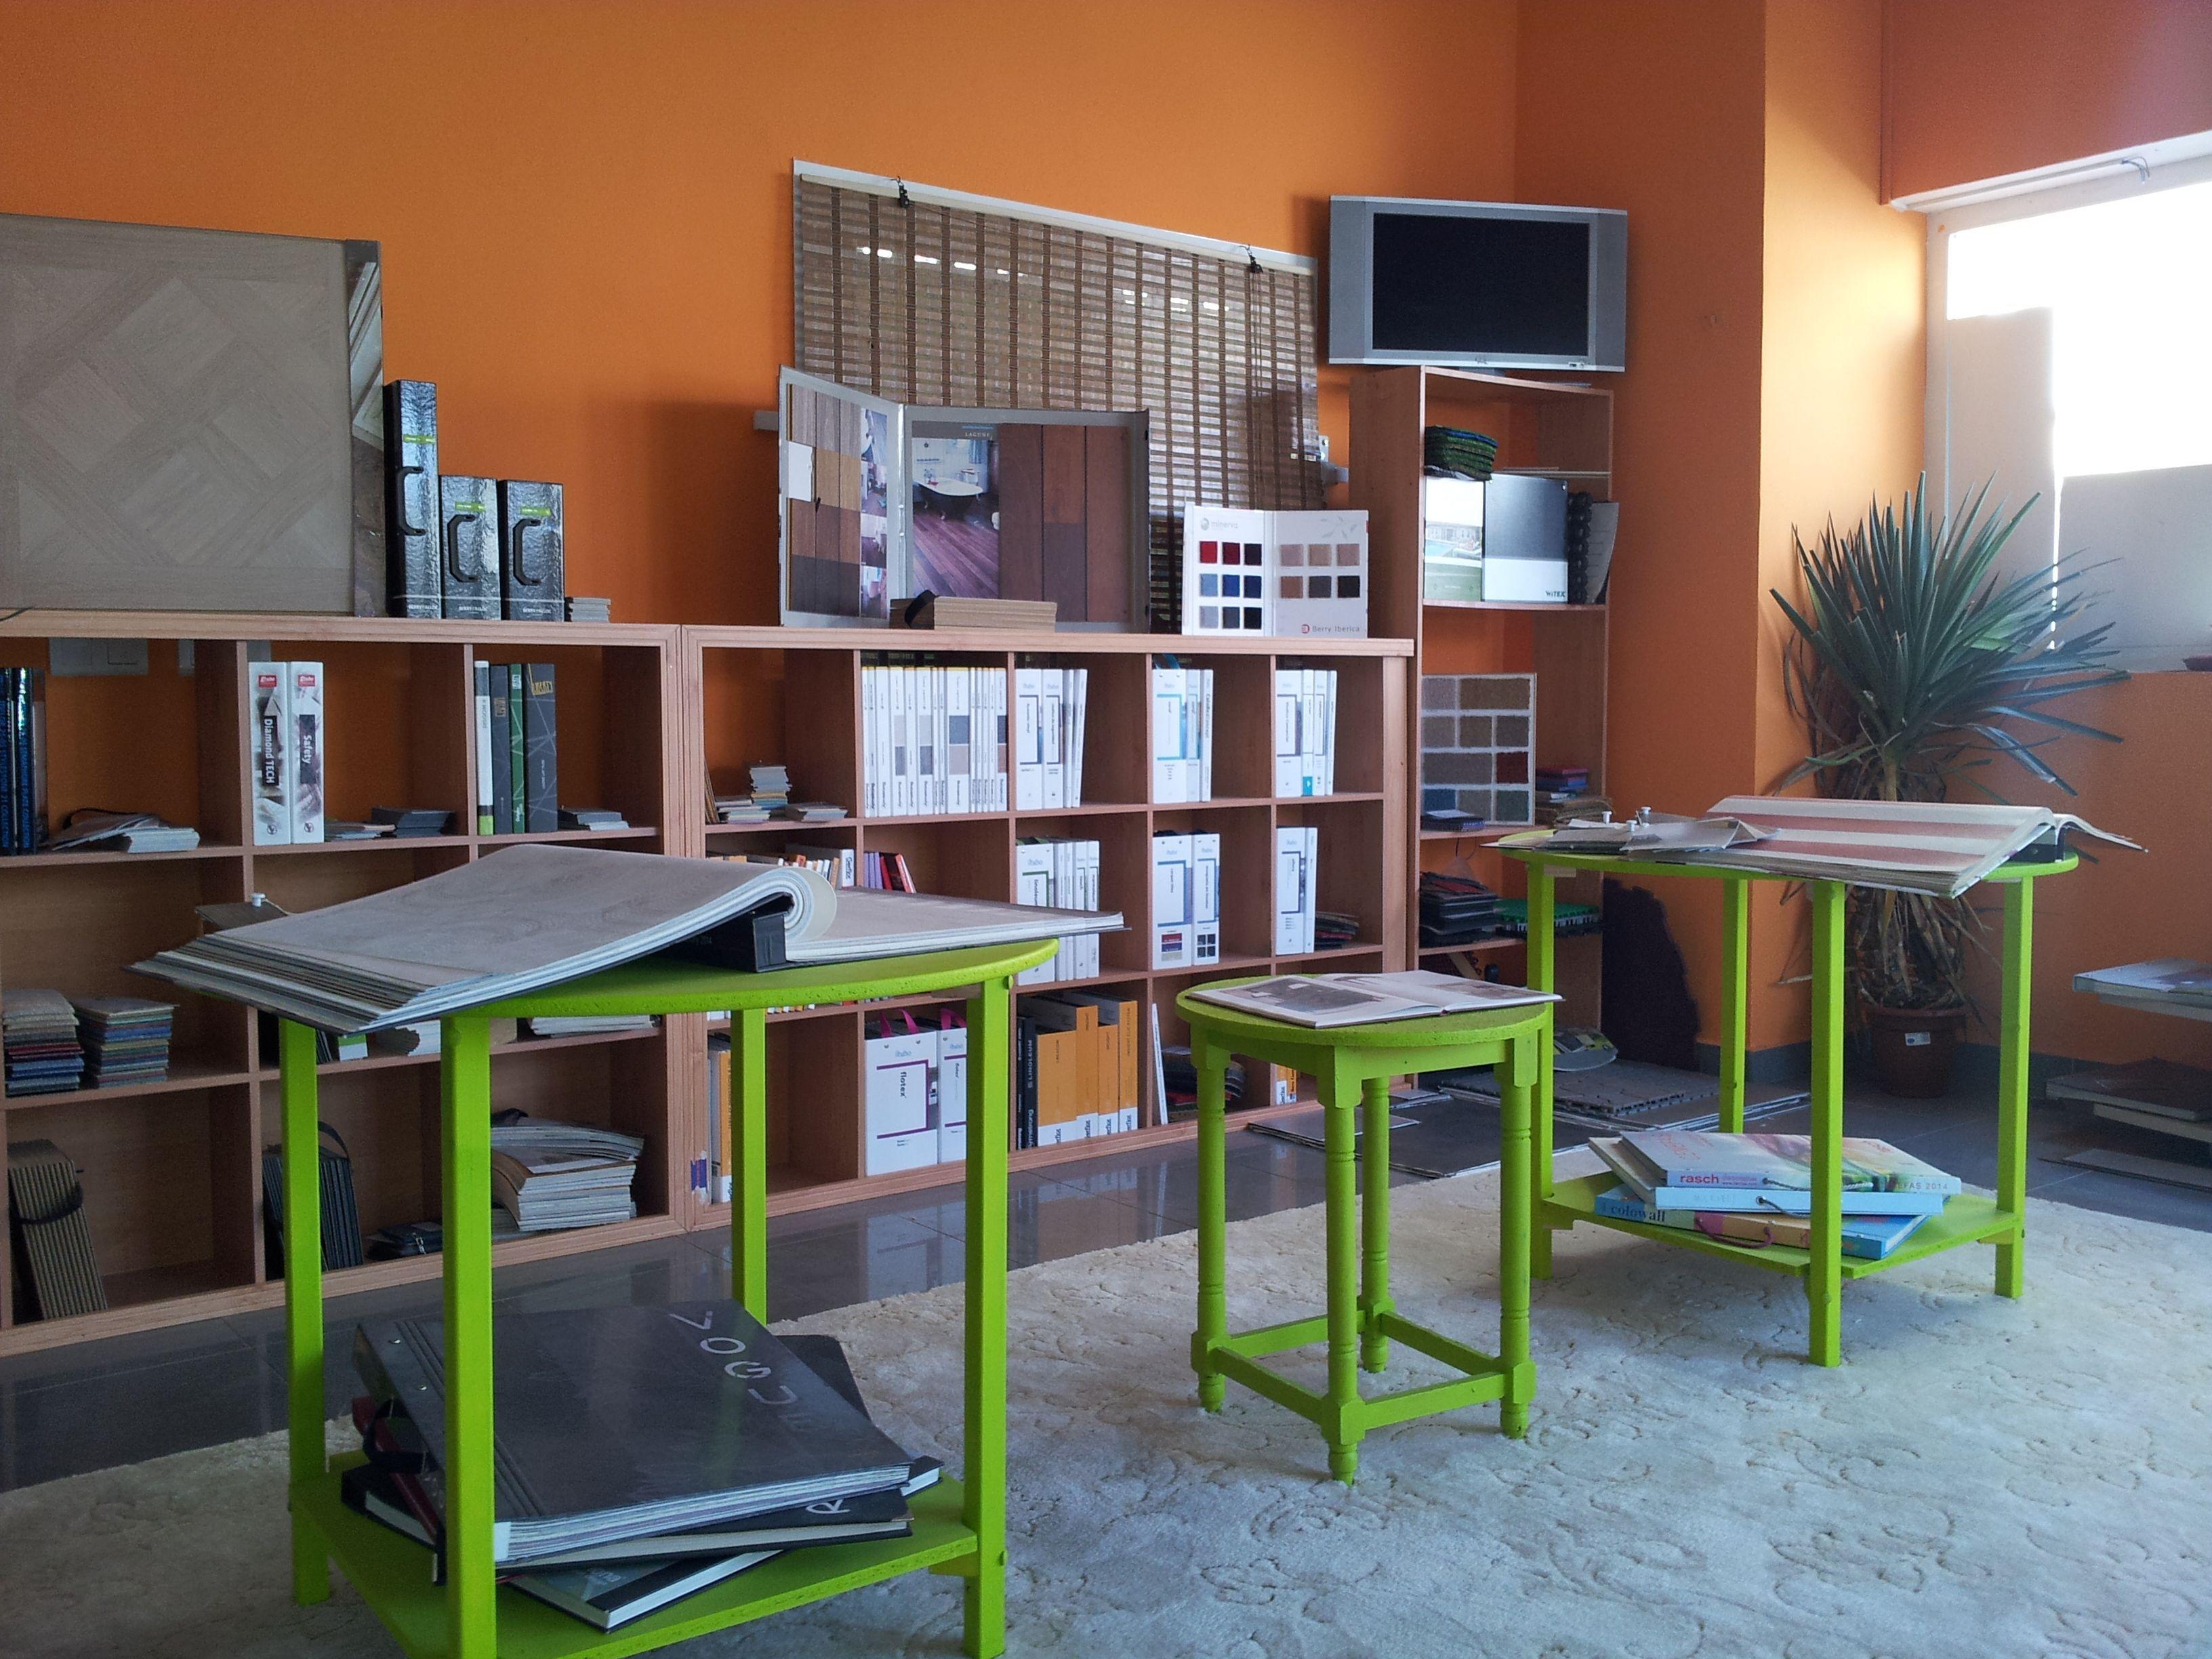 Exposición de Tarimas t Parquets laminados y Suelos Vinílicos, Moquetas.